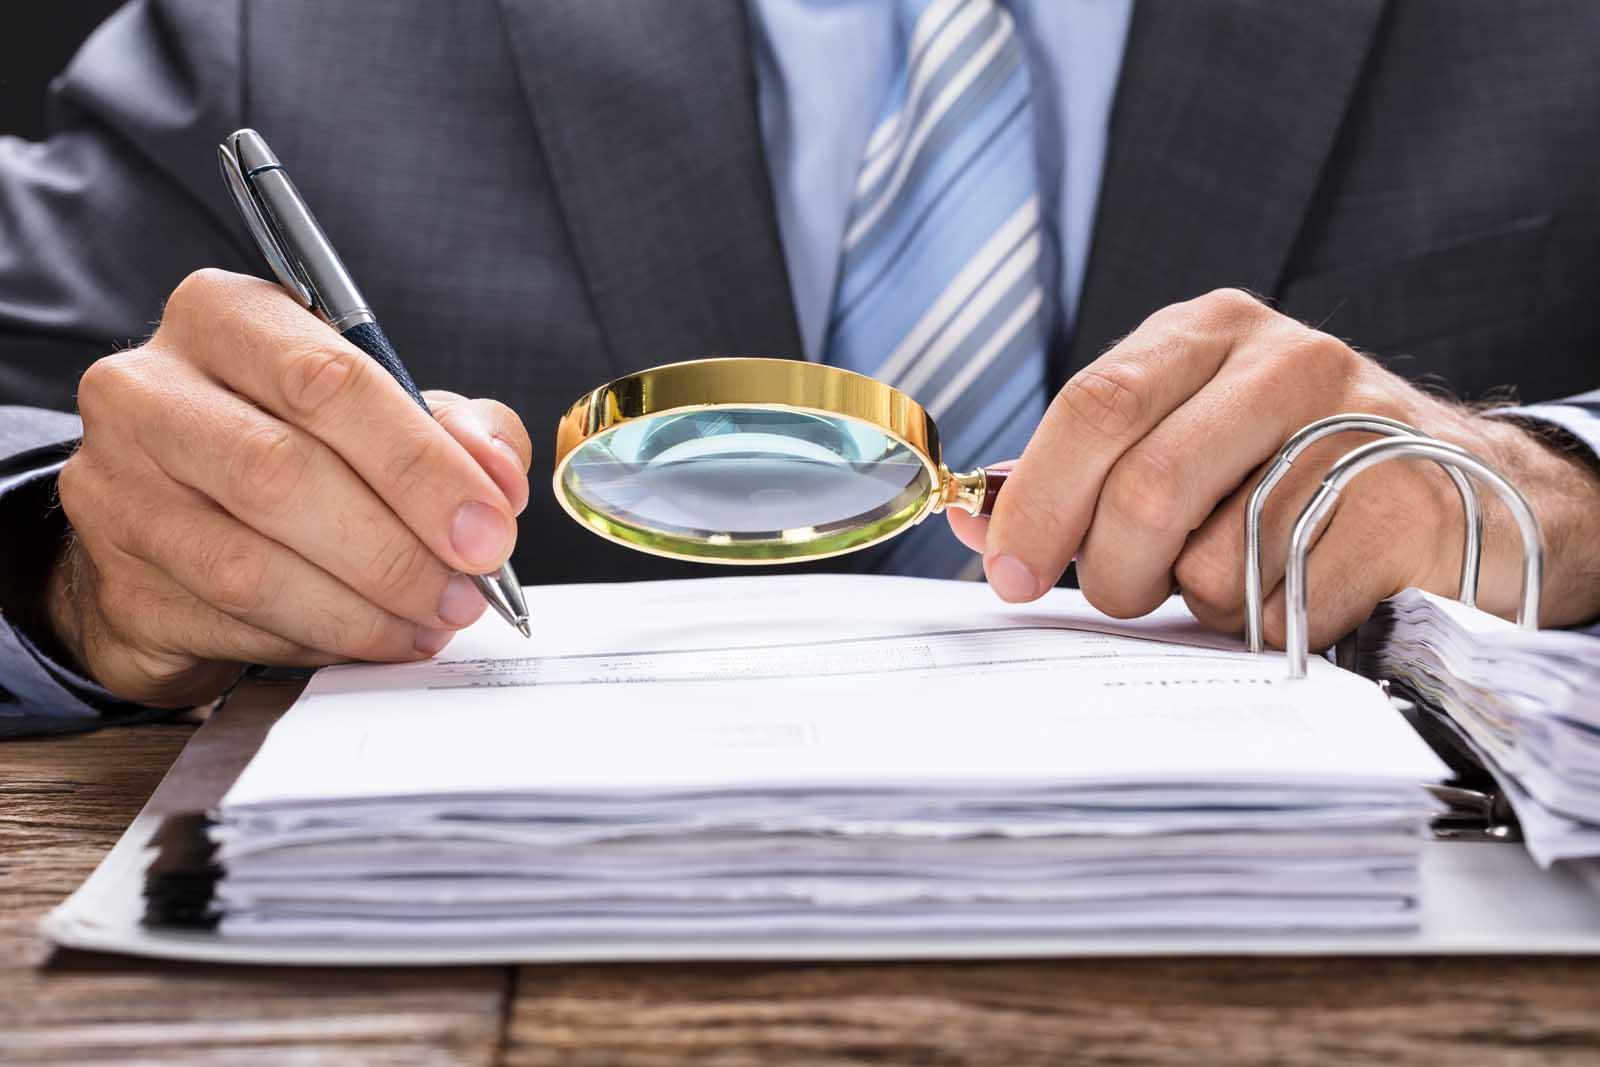 Порядок установления обязательных требований, проверяемых в рамках контрольно-надзорной деятельности: проект